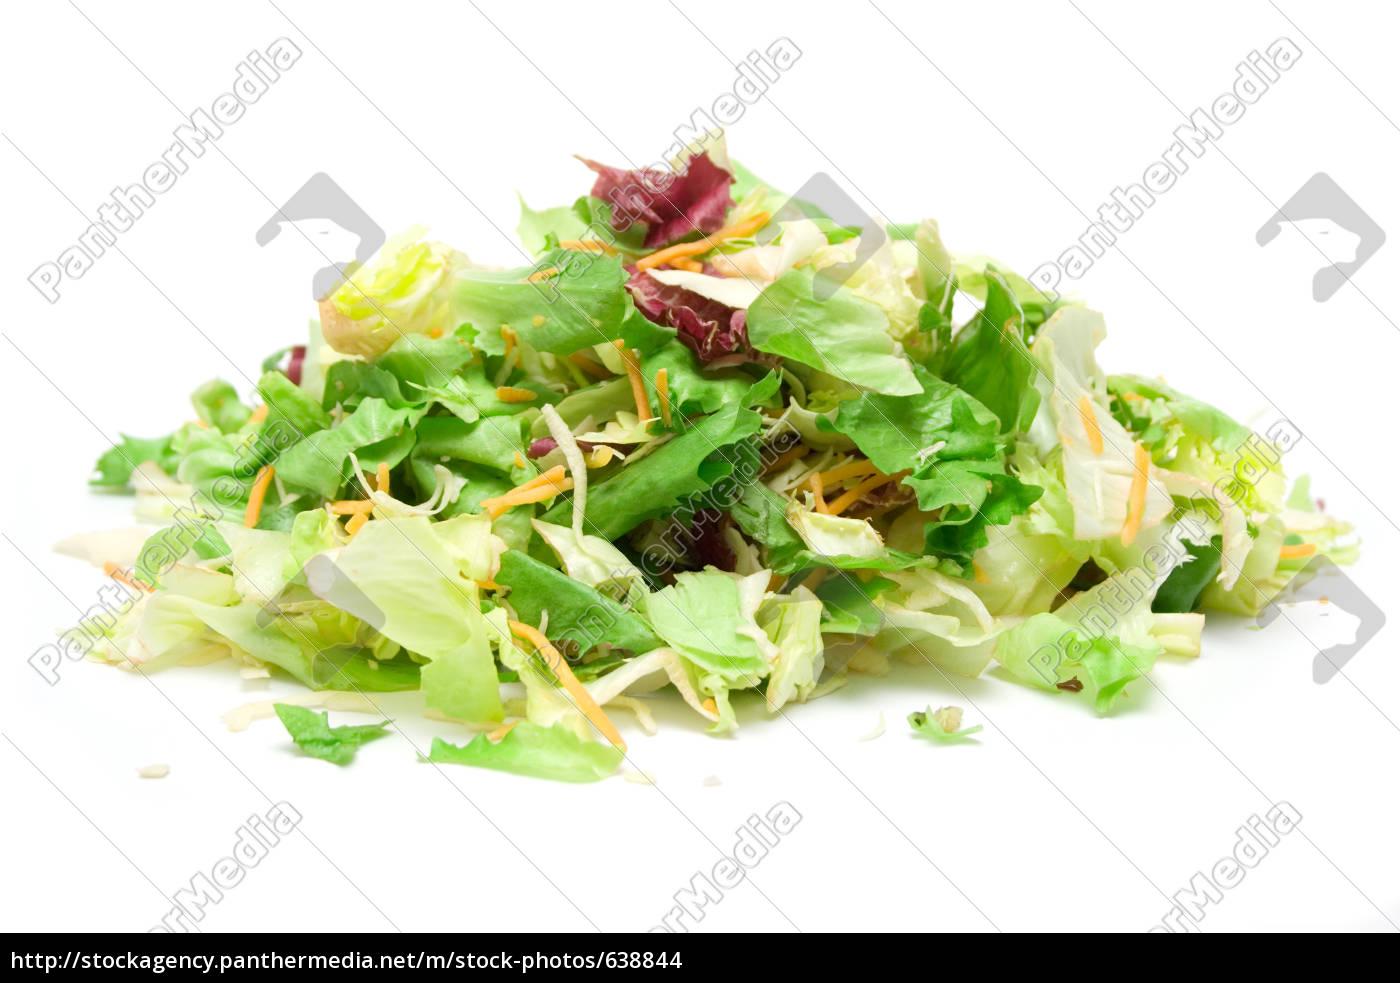 gemischter, salat - 638844